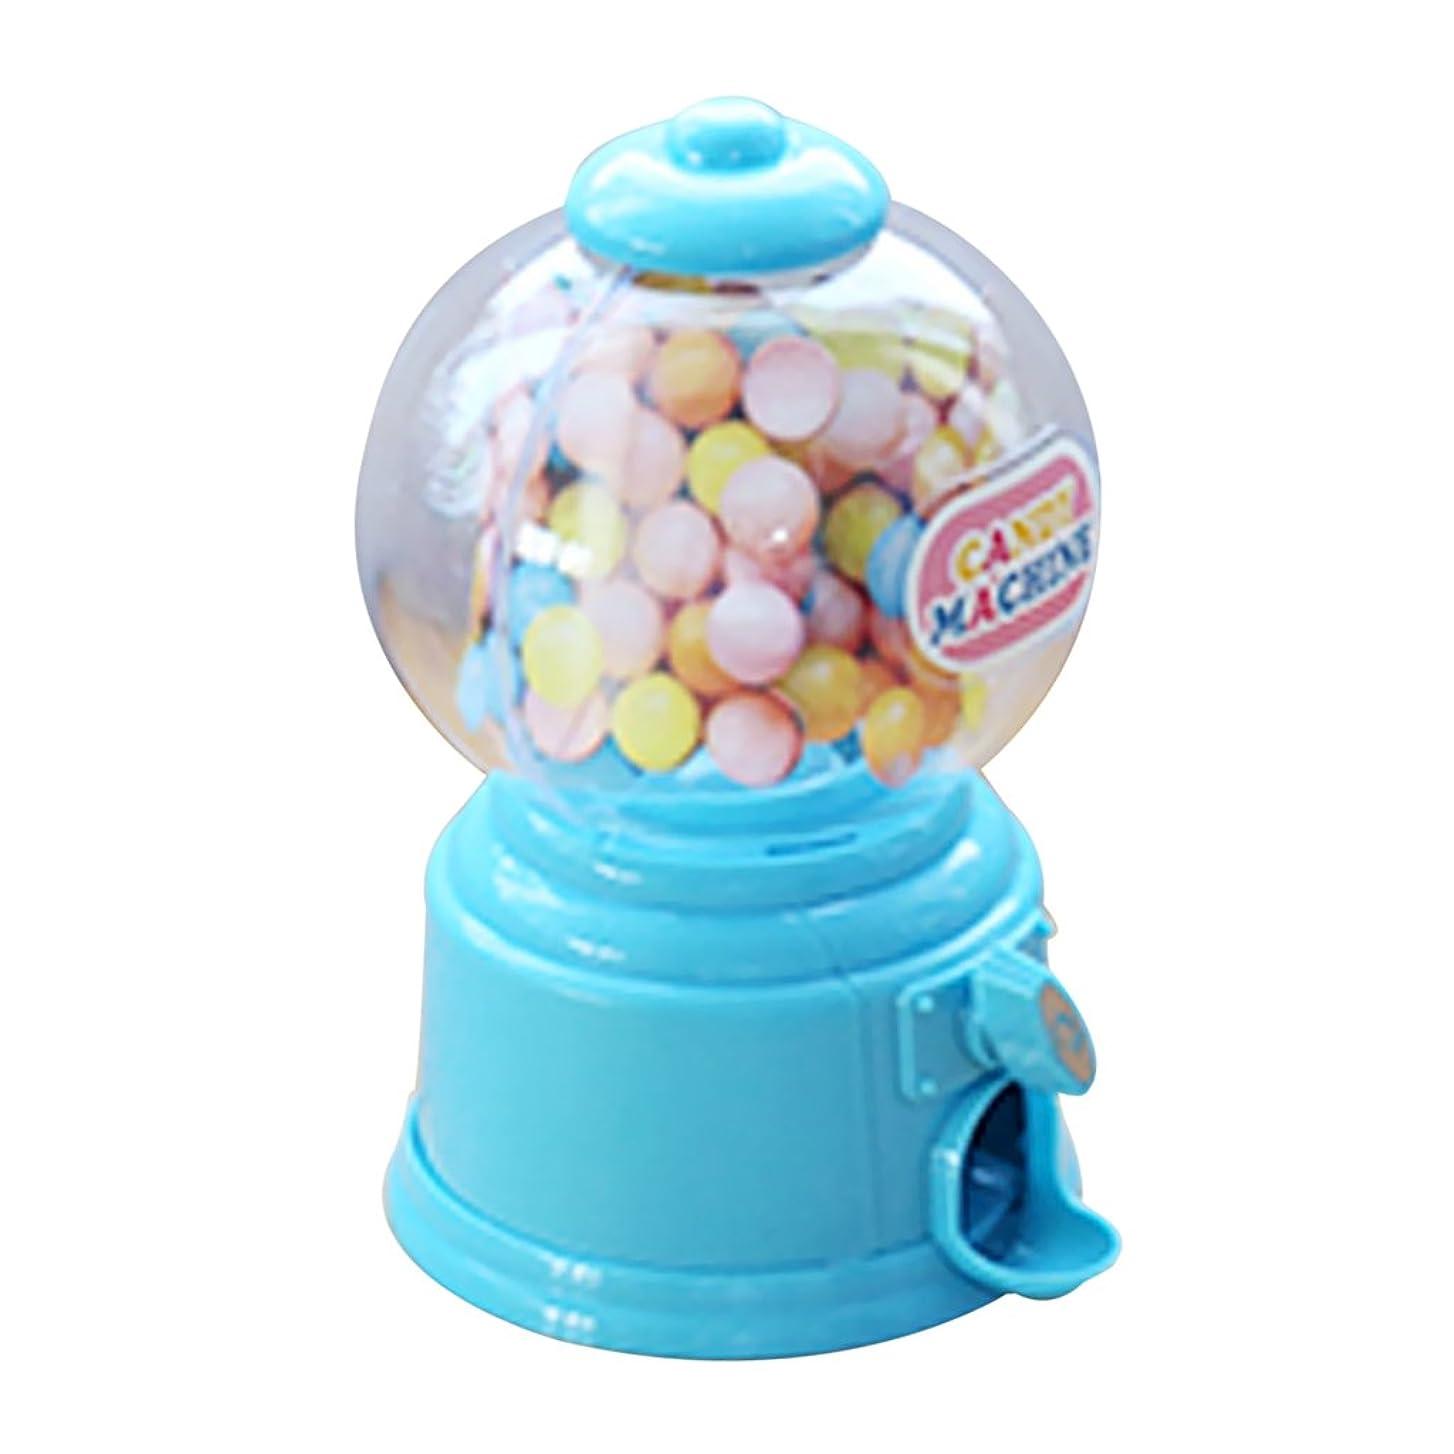 ラフ心理的突破口joyMerit ミニかわいいキャンディガムボールゼリー豆砂糖自動販売機スナックディスペンサー - ブルー